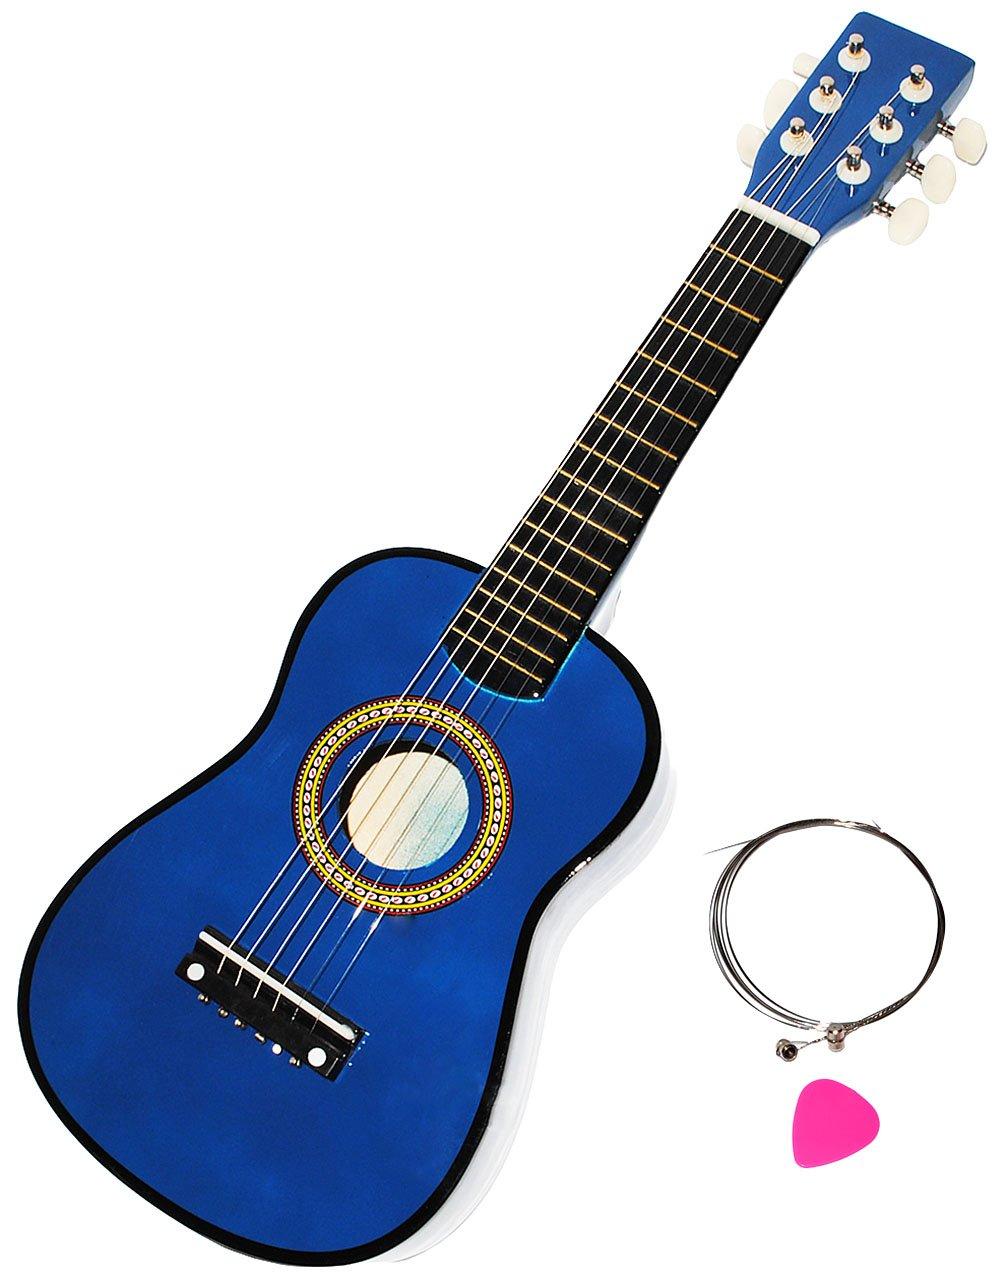 alles-meine.de GmbH Gitarre aus Holz - Konzertgitarre - Klassik - BLAU - incl. Name - akustische - Kindergitarre - mit Plektrum & 6 Stück Ersatzsaiten - für Kinder - Spielzeu..